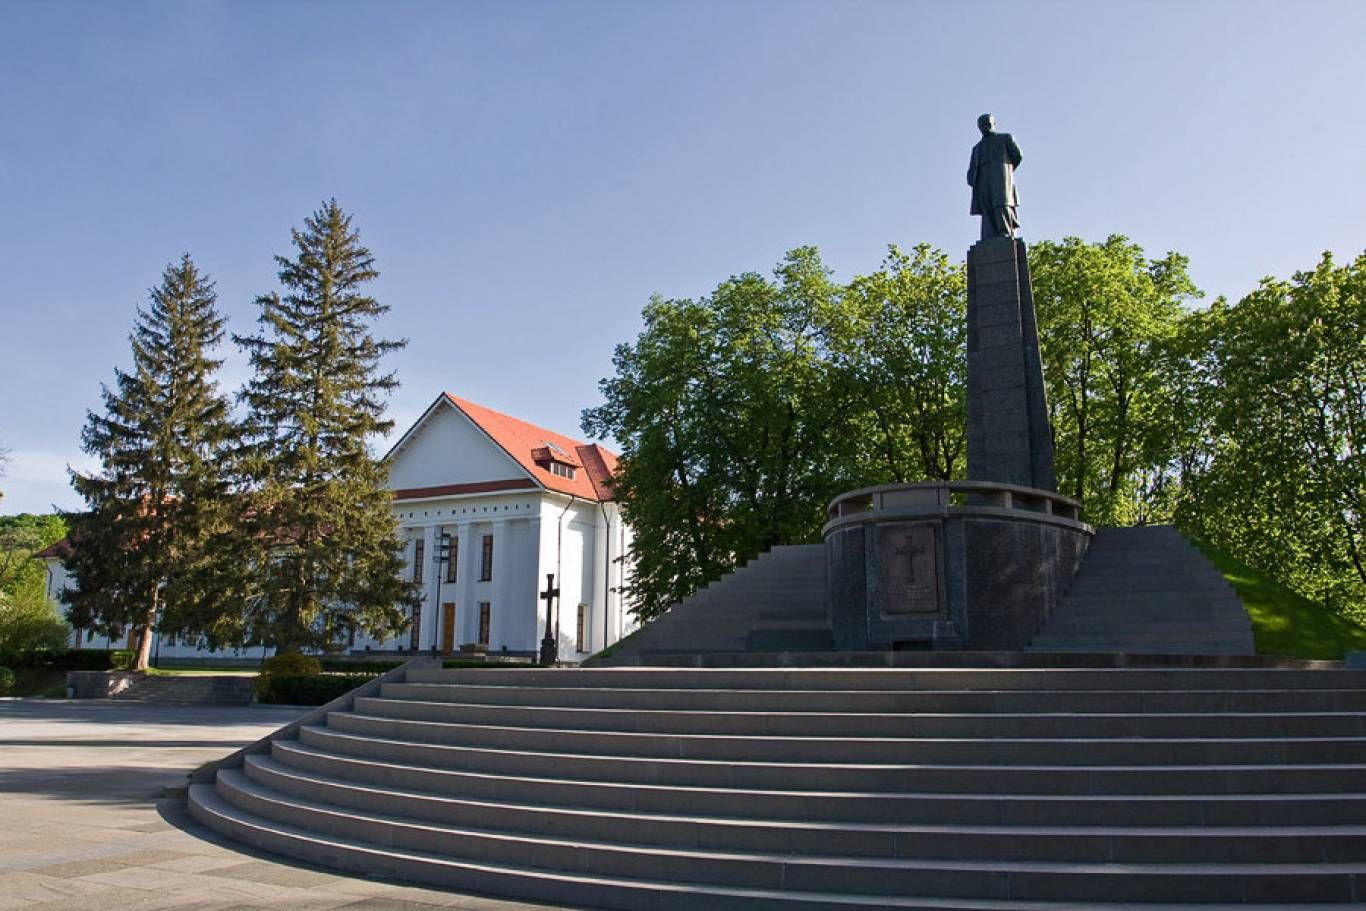 Черкащина: Шедевр архитектуры внесли в реестр